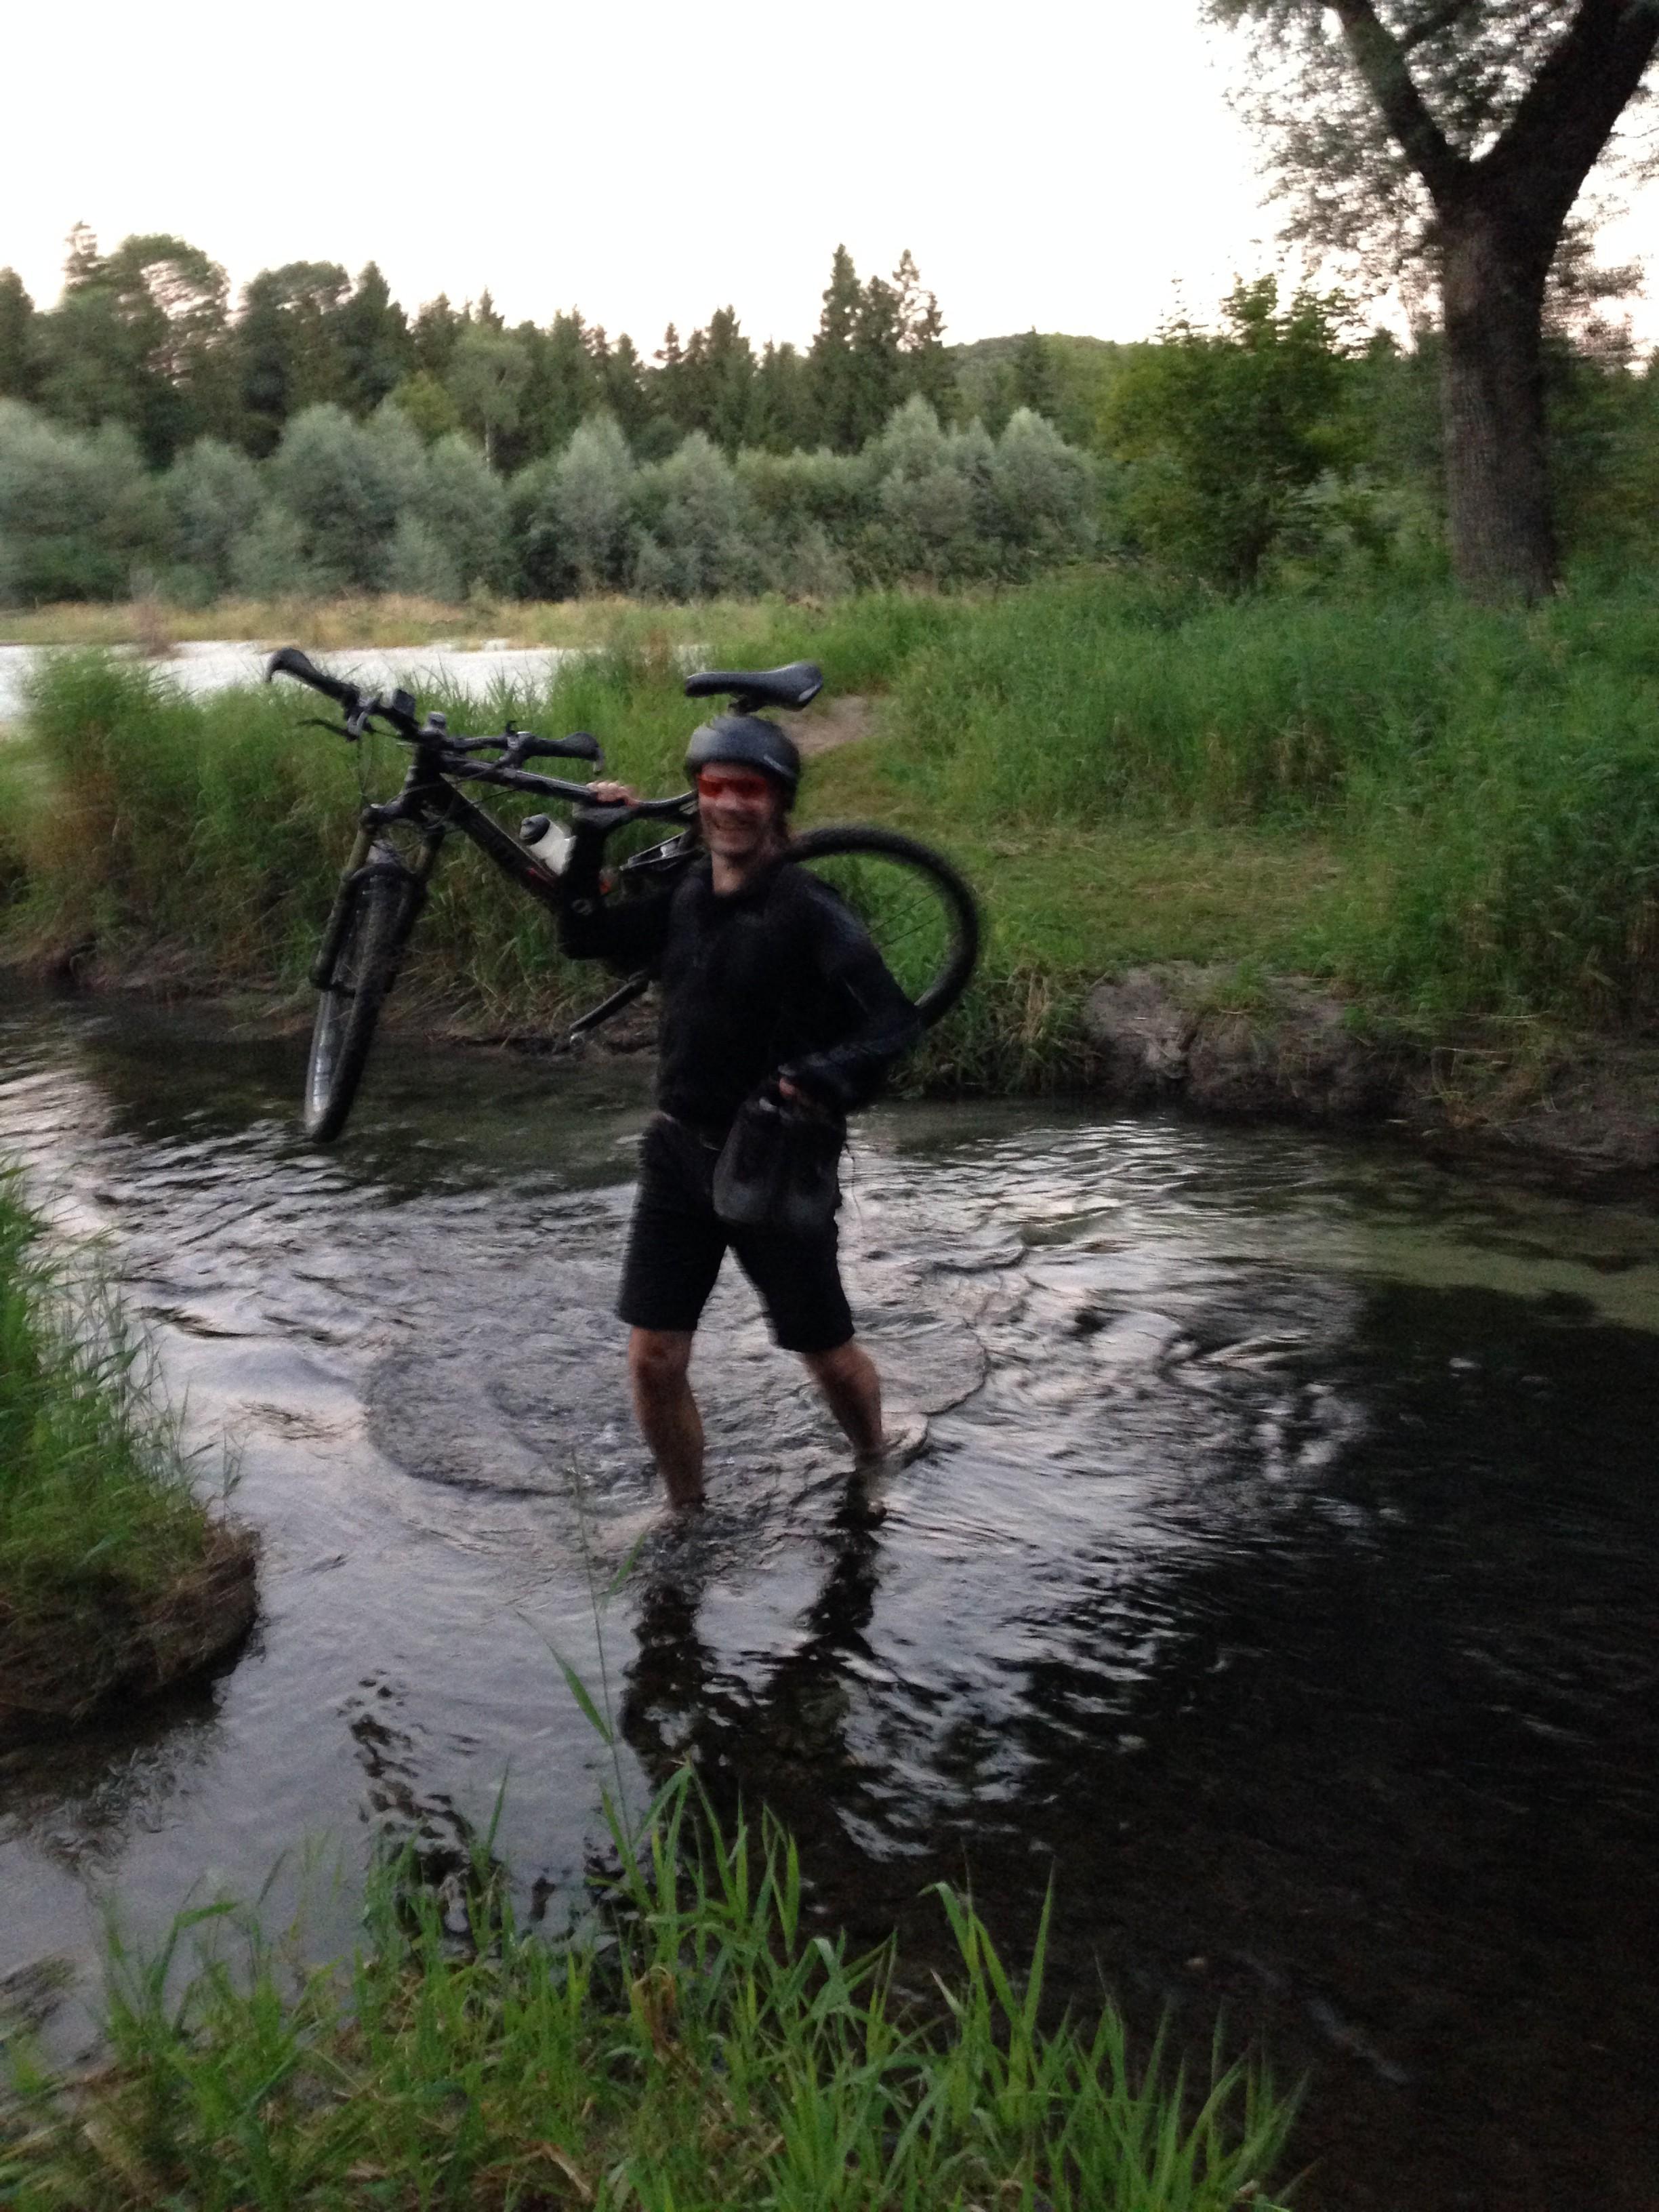 Abenteuer auf dem Rad